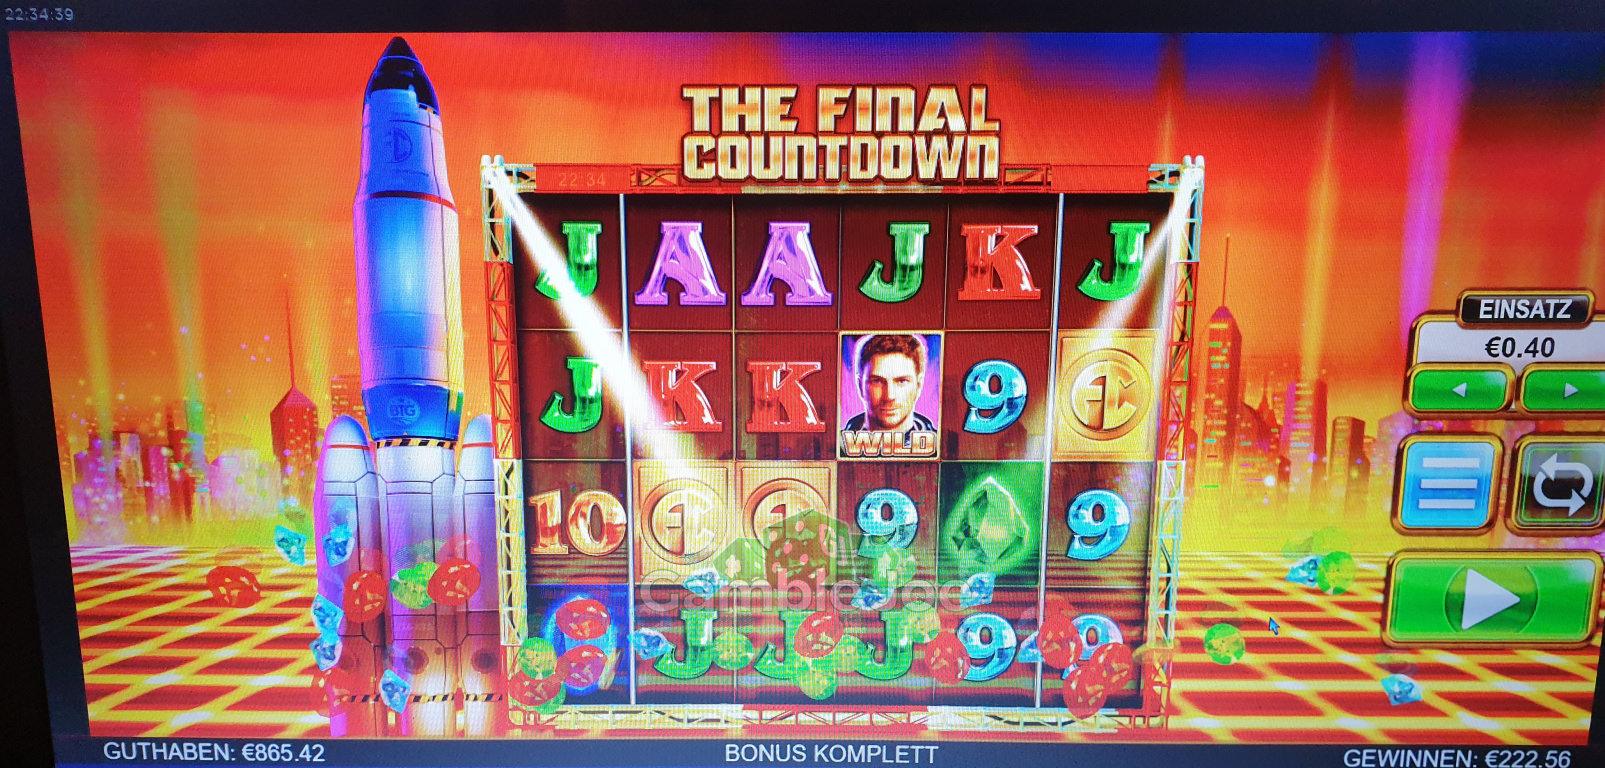 The Final Countdown Gewinnbild von Marlboroman